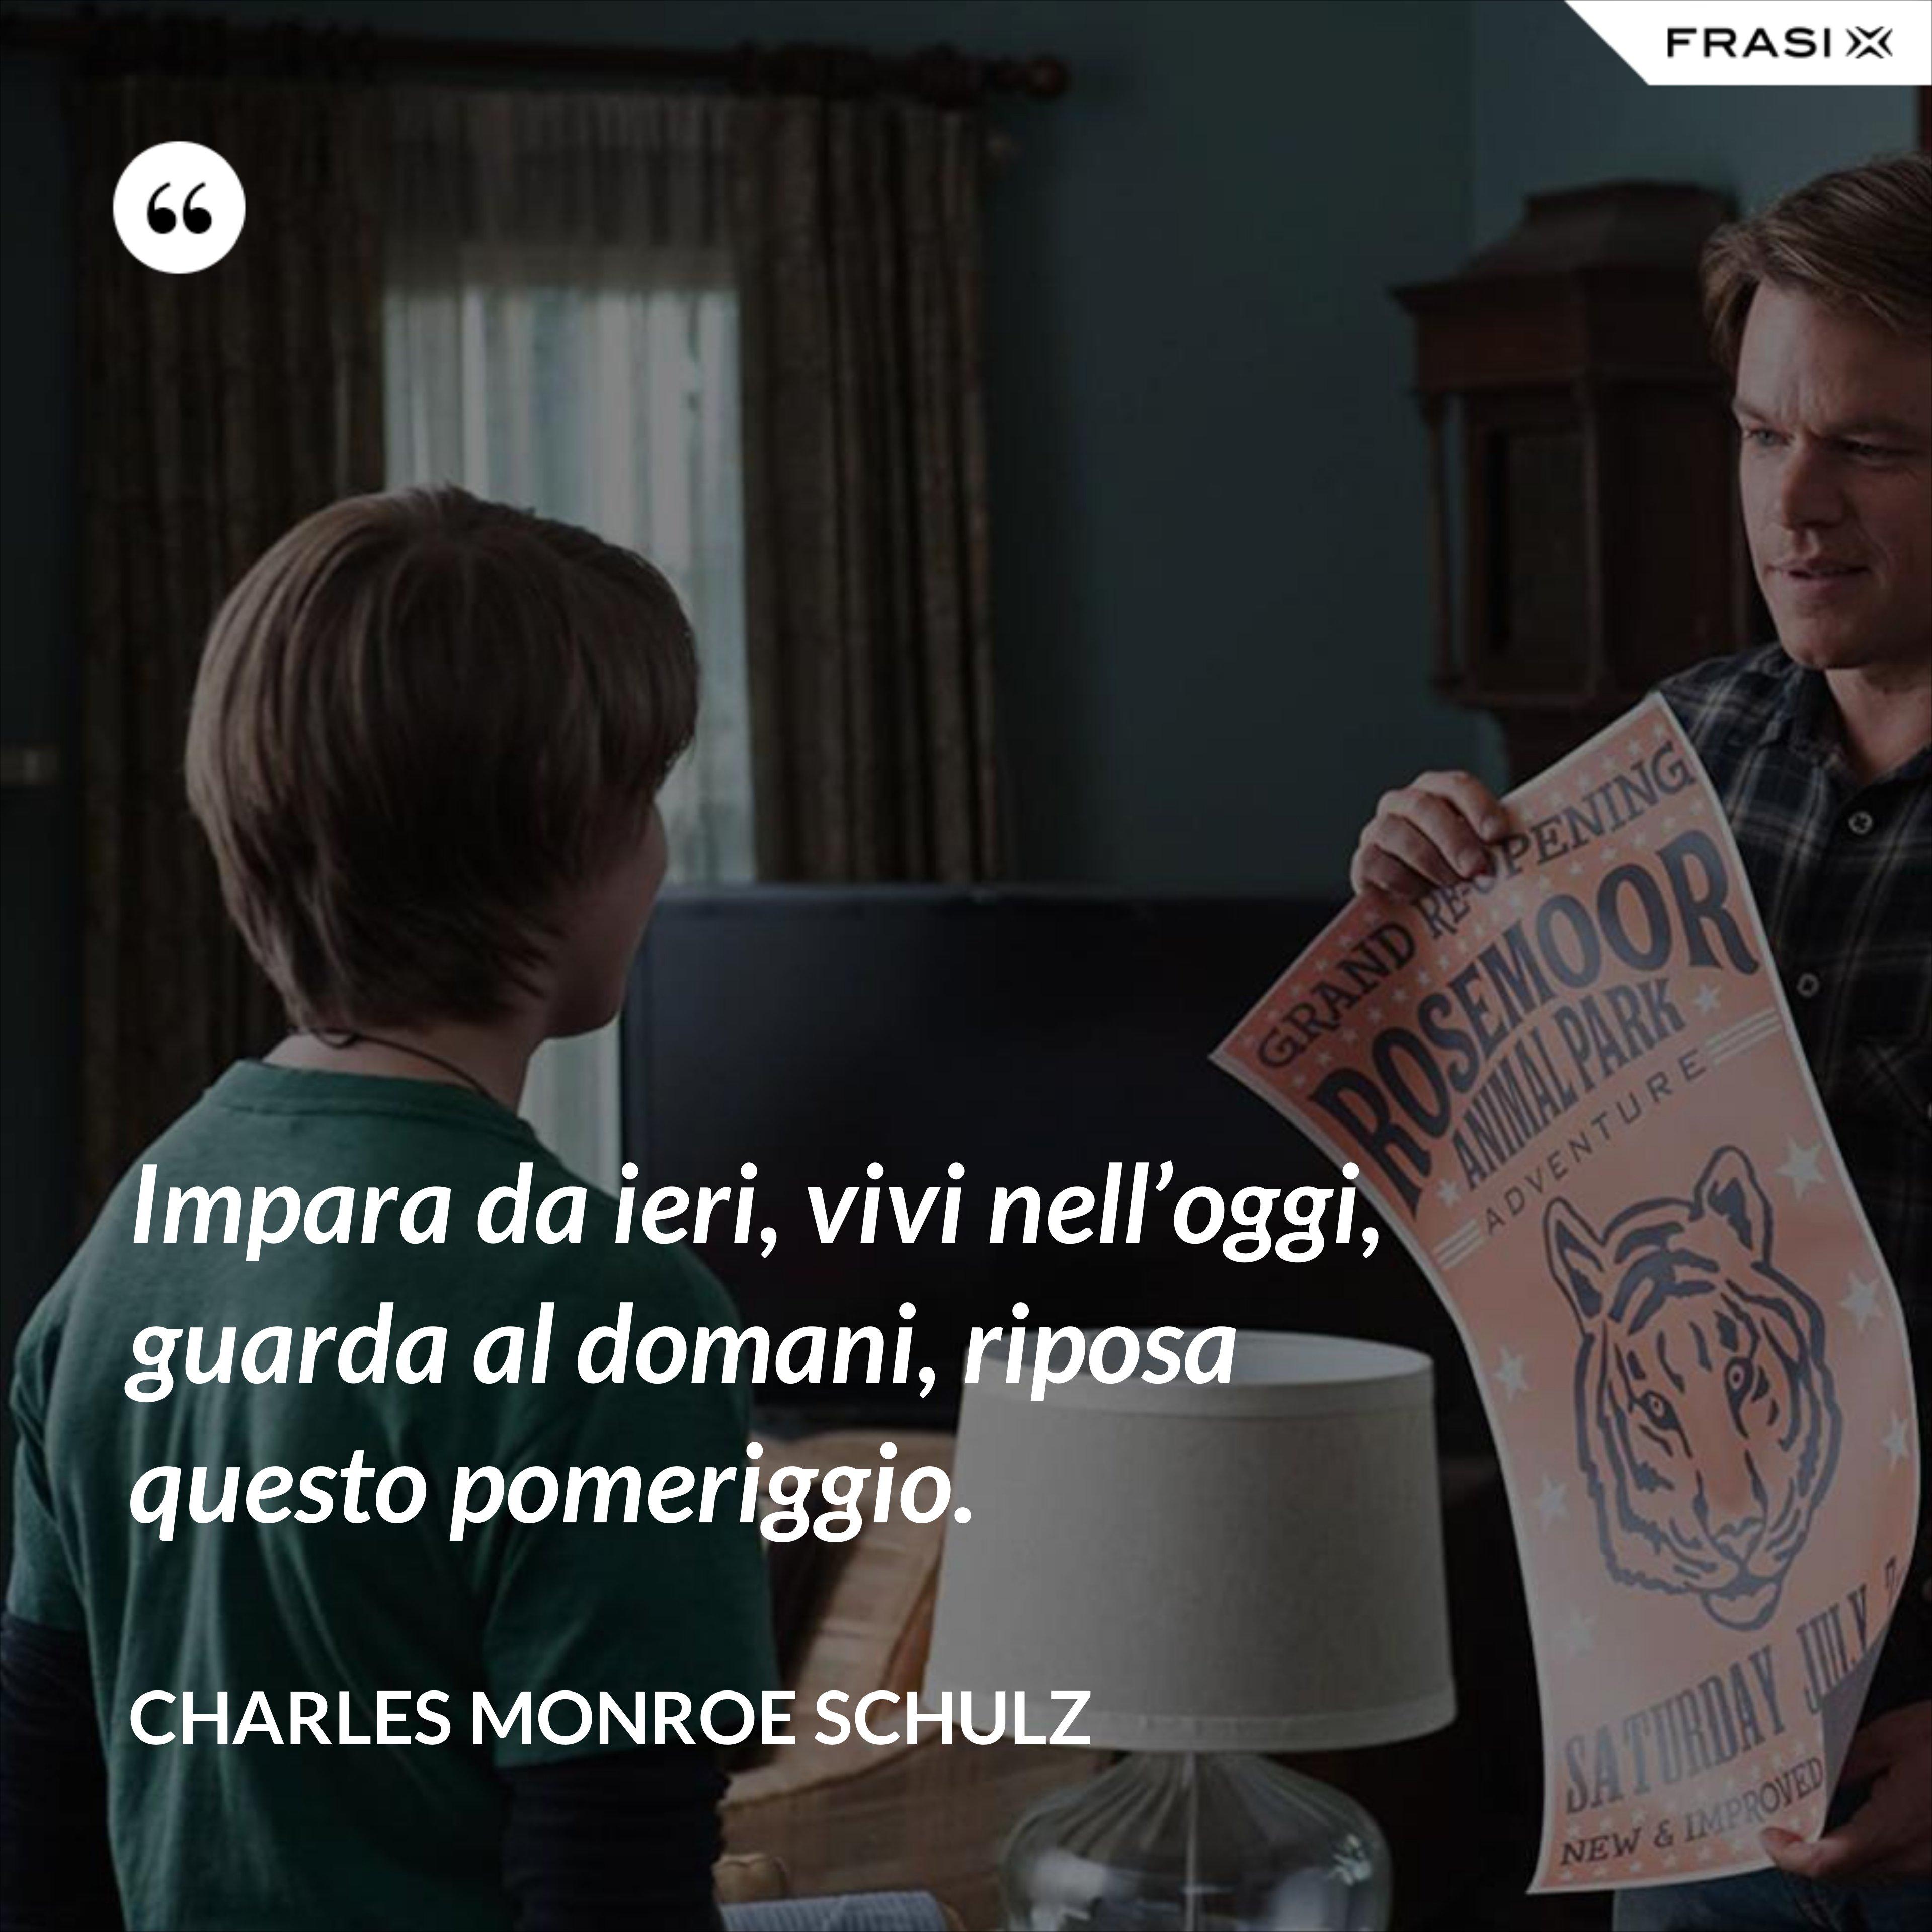 Impara da ieri, vivi nell'oggi, guarda al domani, riposa questo pomeriggio. - Charles Monroe Schulz